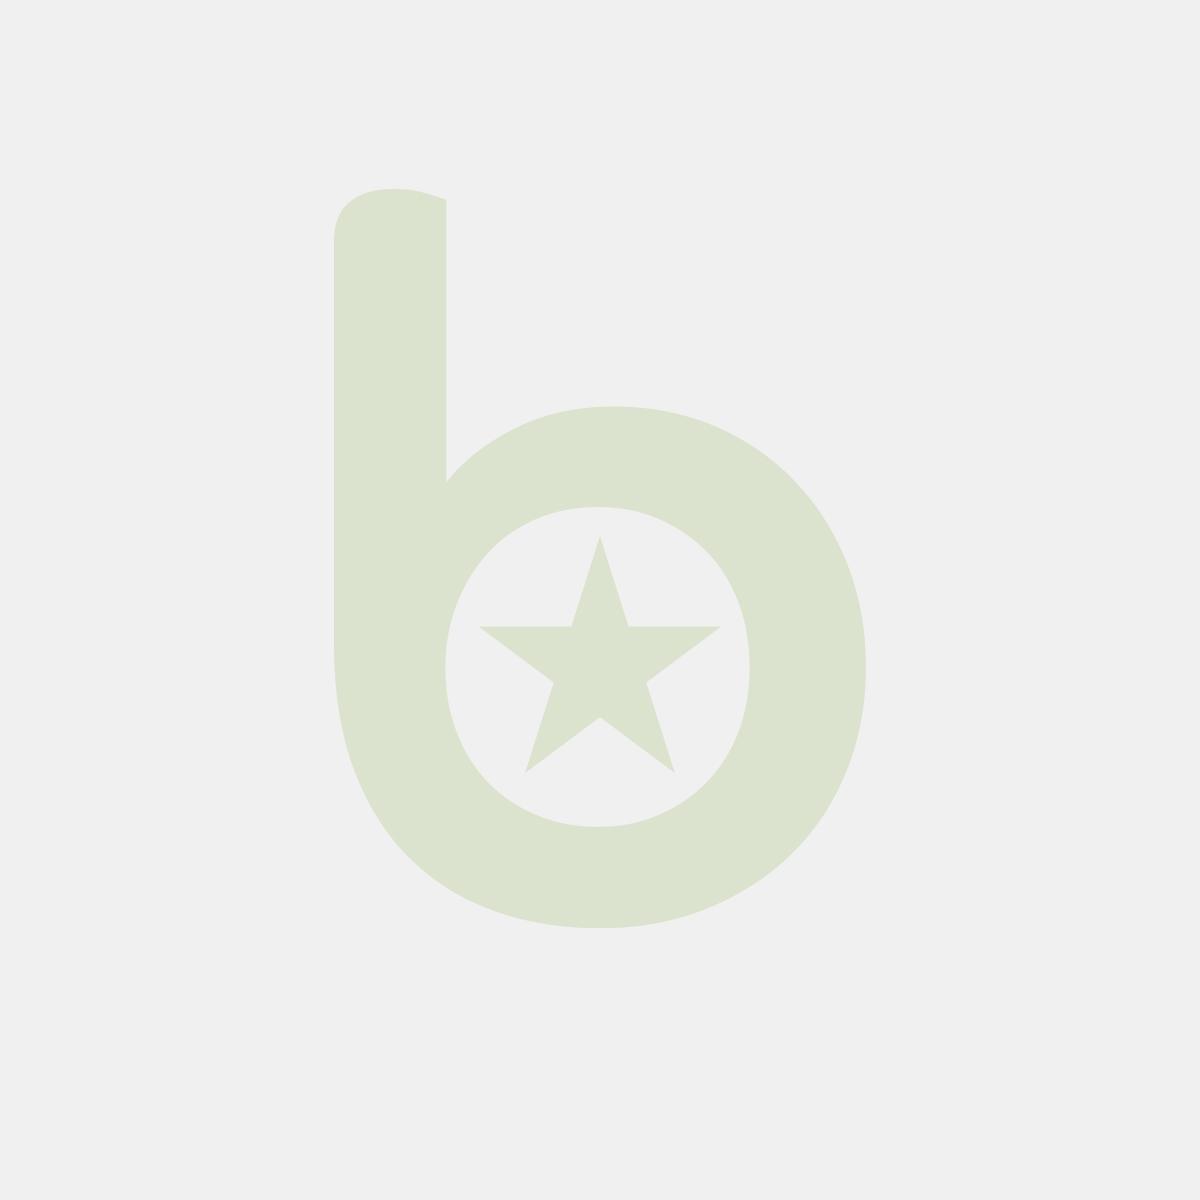 Girlanda z foliowymi chorągiewkami długość 4 m, Włoska, wodoodporna